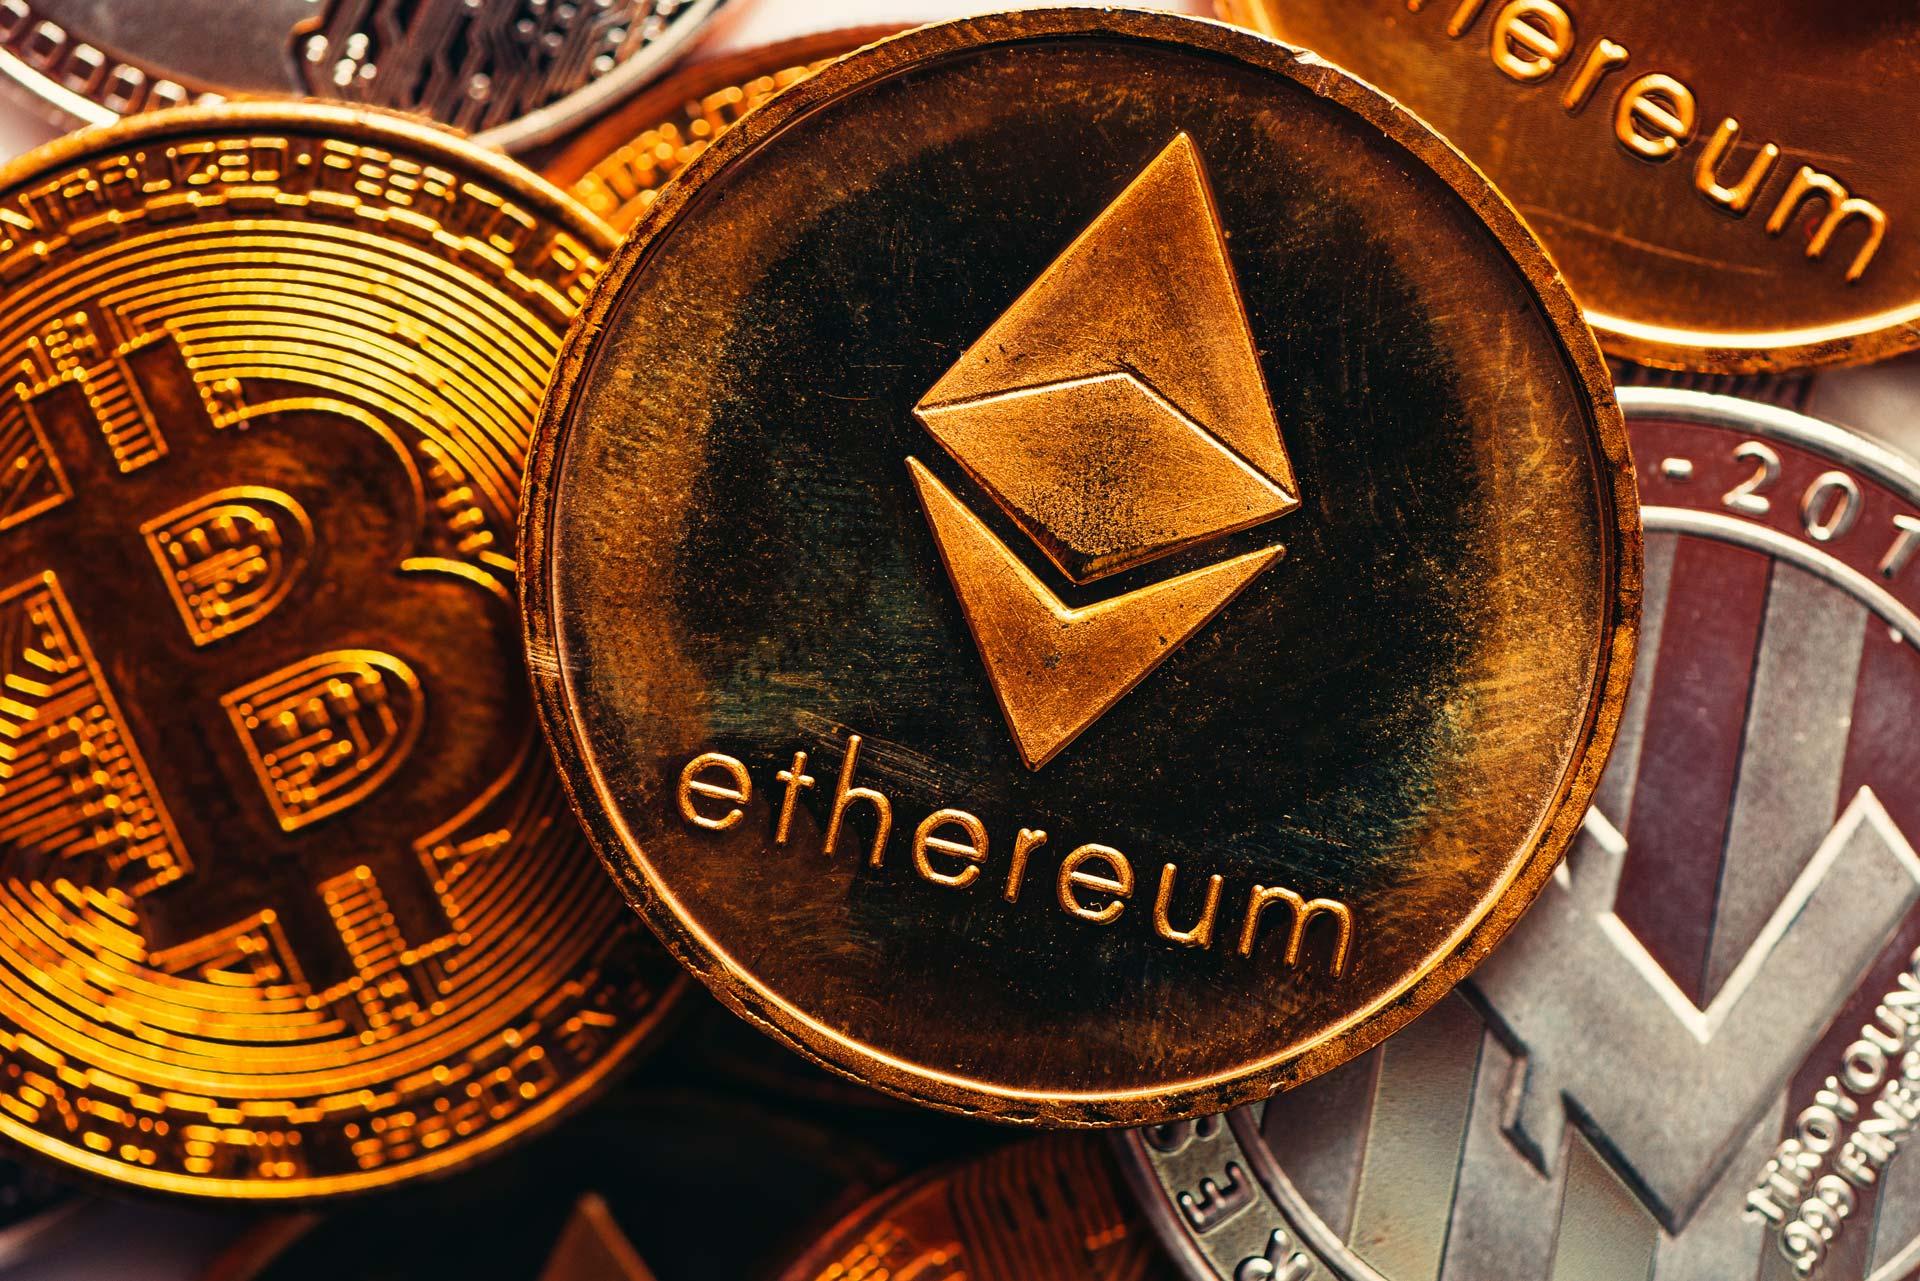 Criptovalute: tassazione delle monete virtuali ancora in salita - Fiscomania